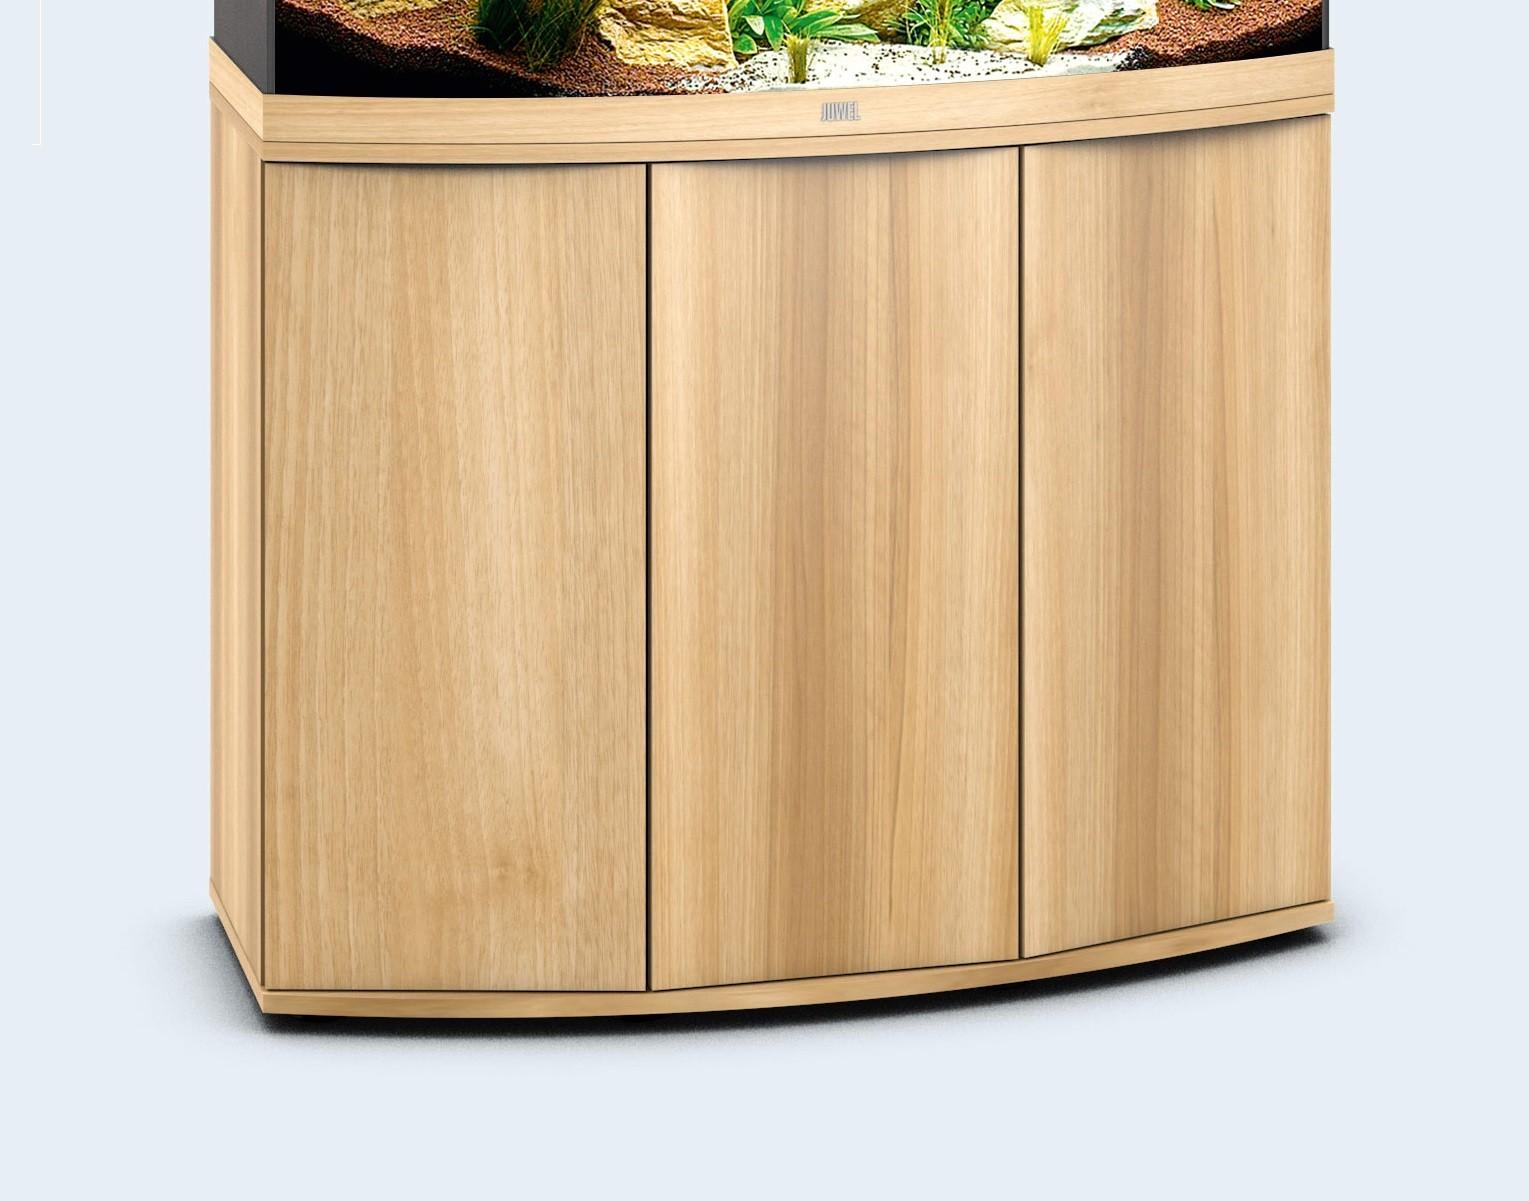 Lyst træ Akvarie underskab til 180 liter Vision model